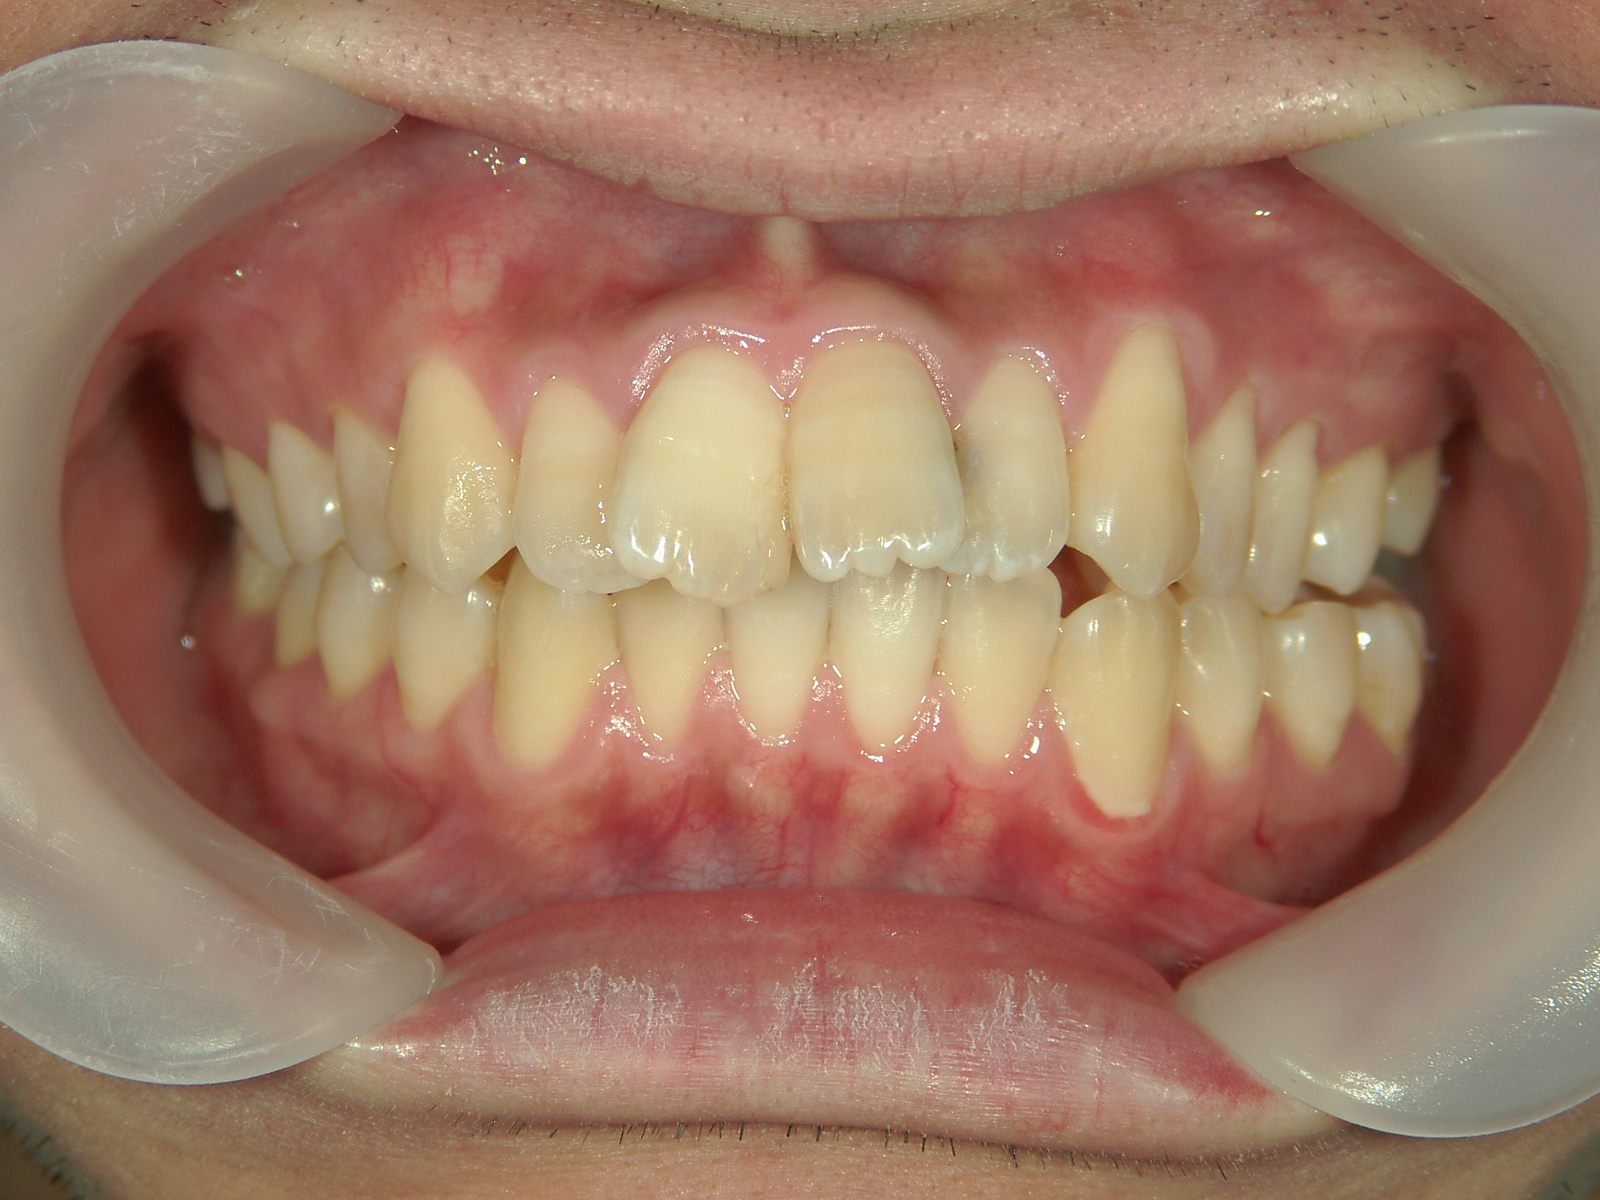 前歯部抜歯閉鎖症例 治療例(4) ㊤前歯部2本歯根吸収で歯根が短い為、抜歯